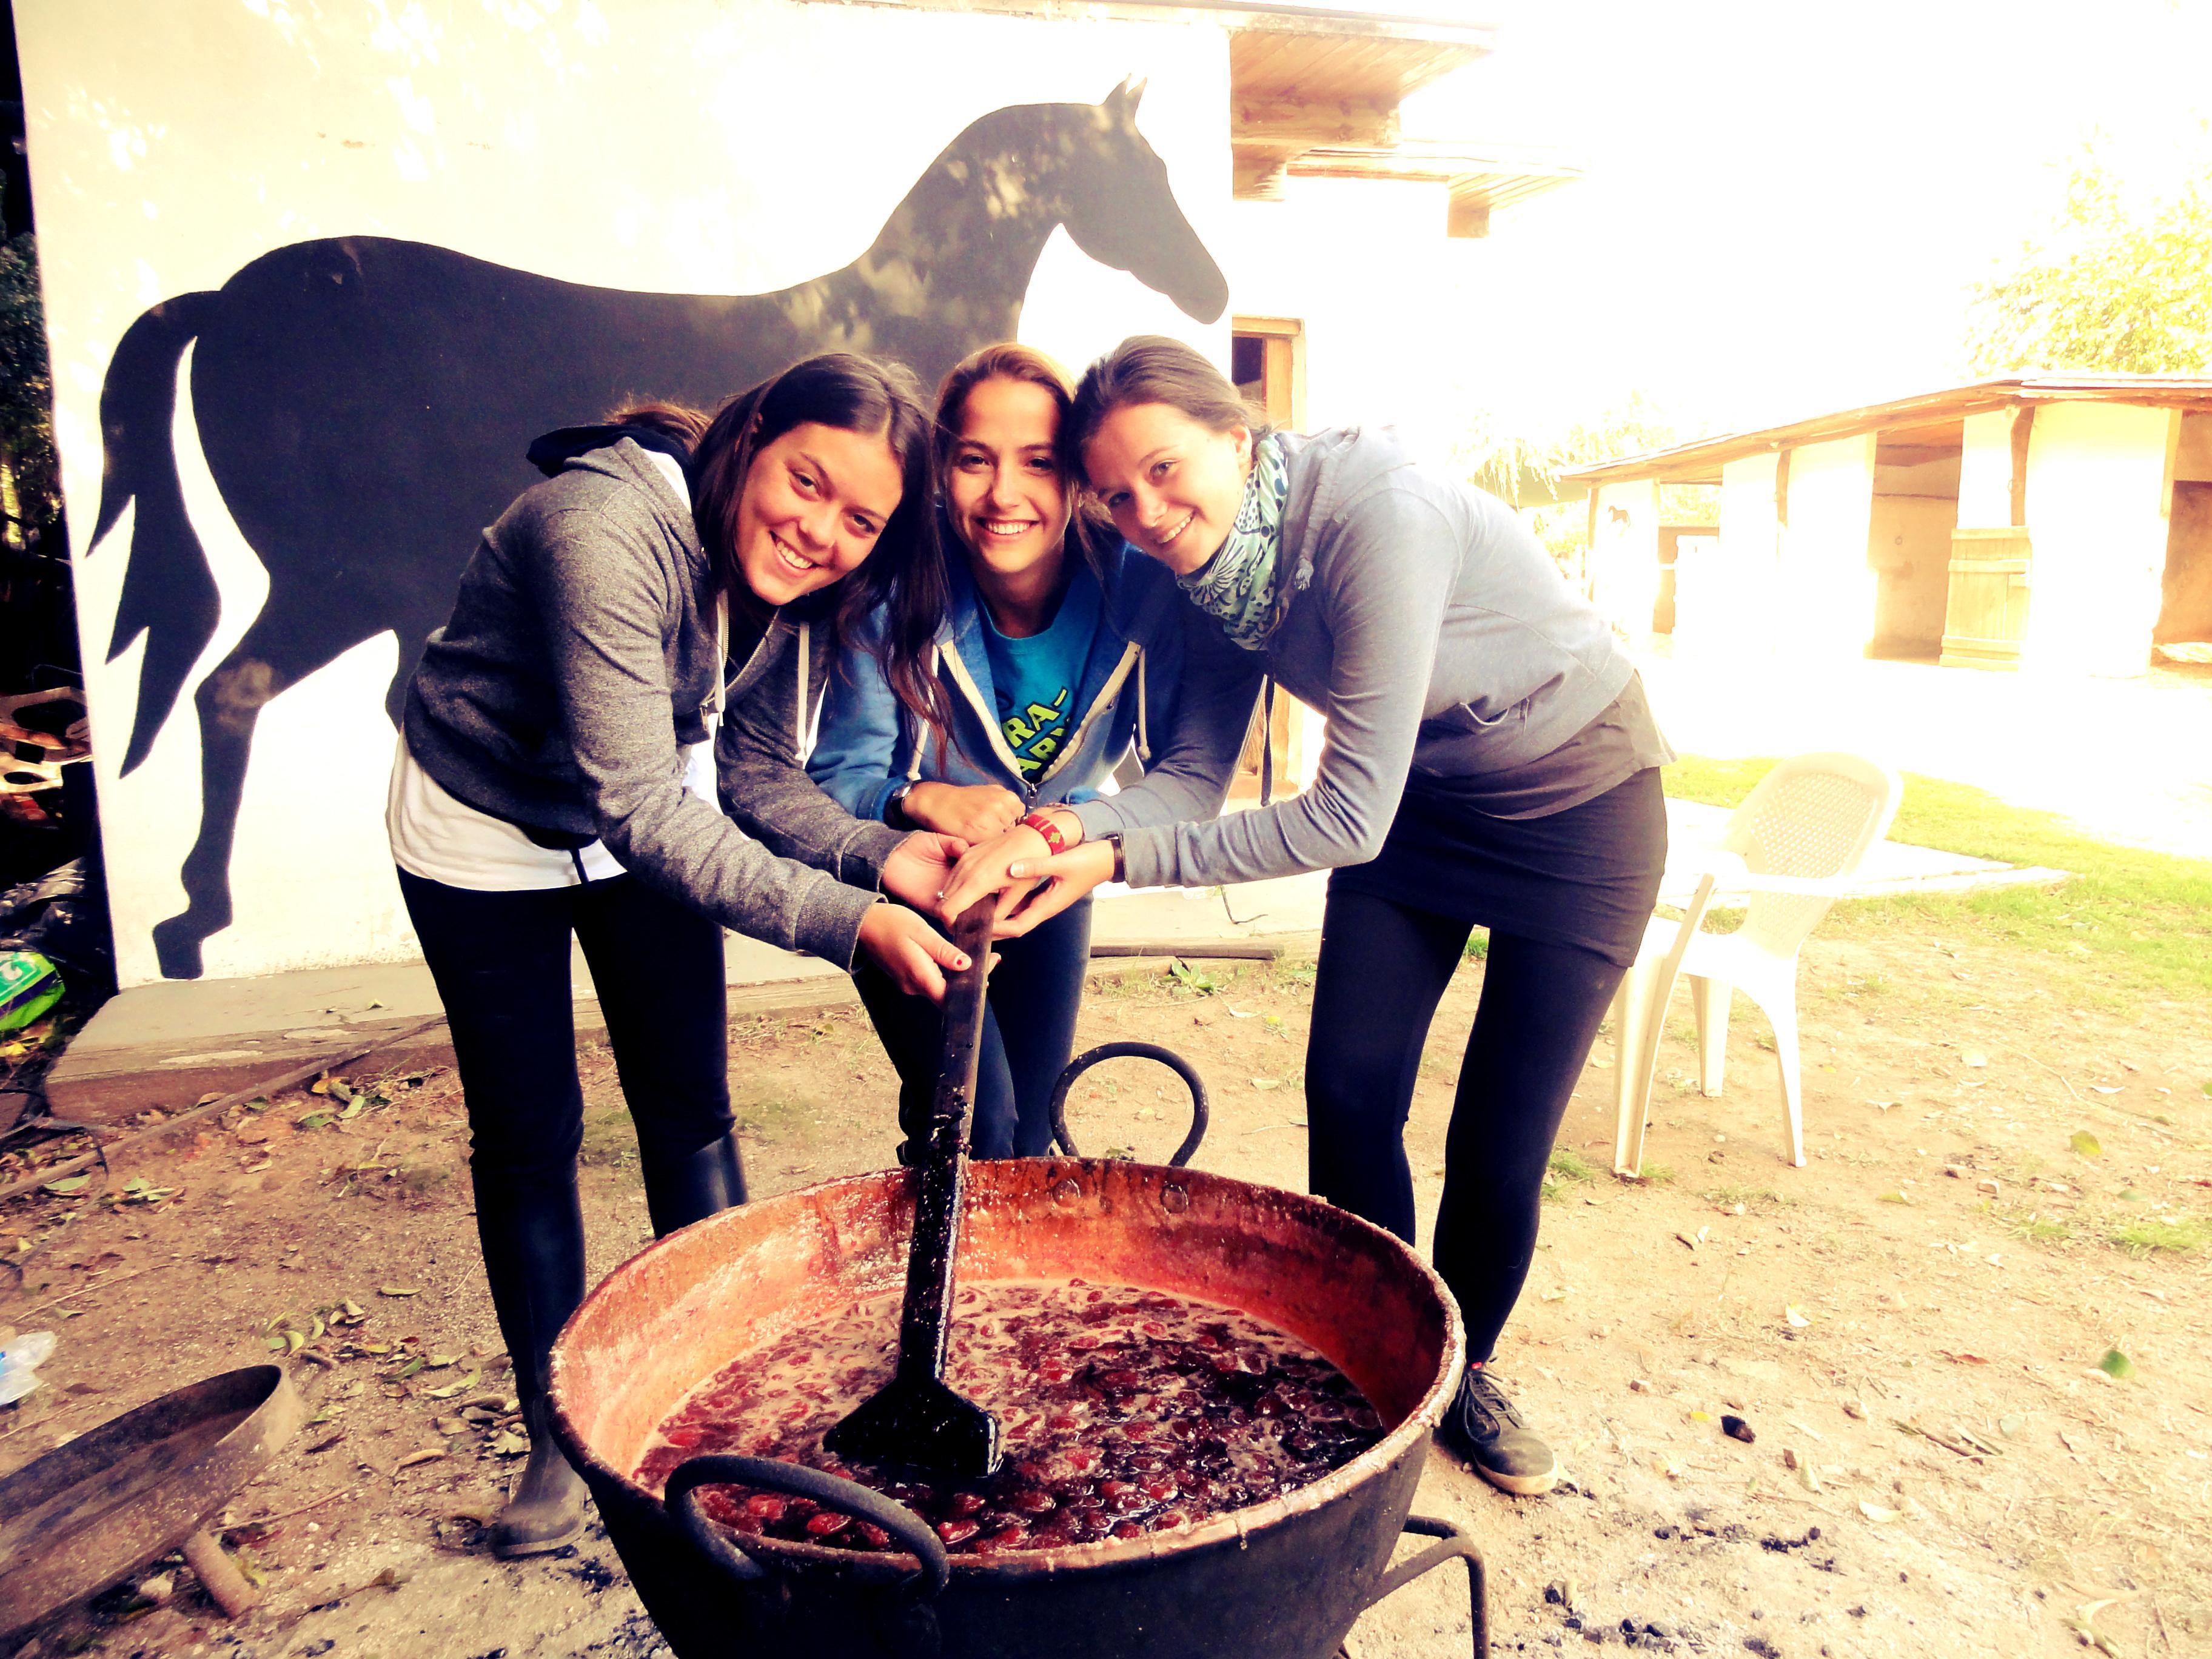 Voluntarias de Equinoterapia tomándose una fotografía mientras limpian los establos.